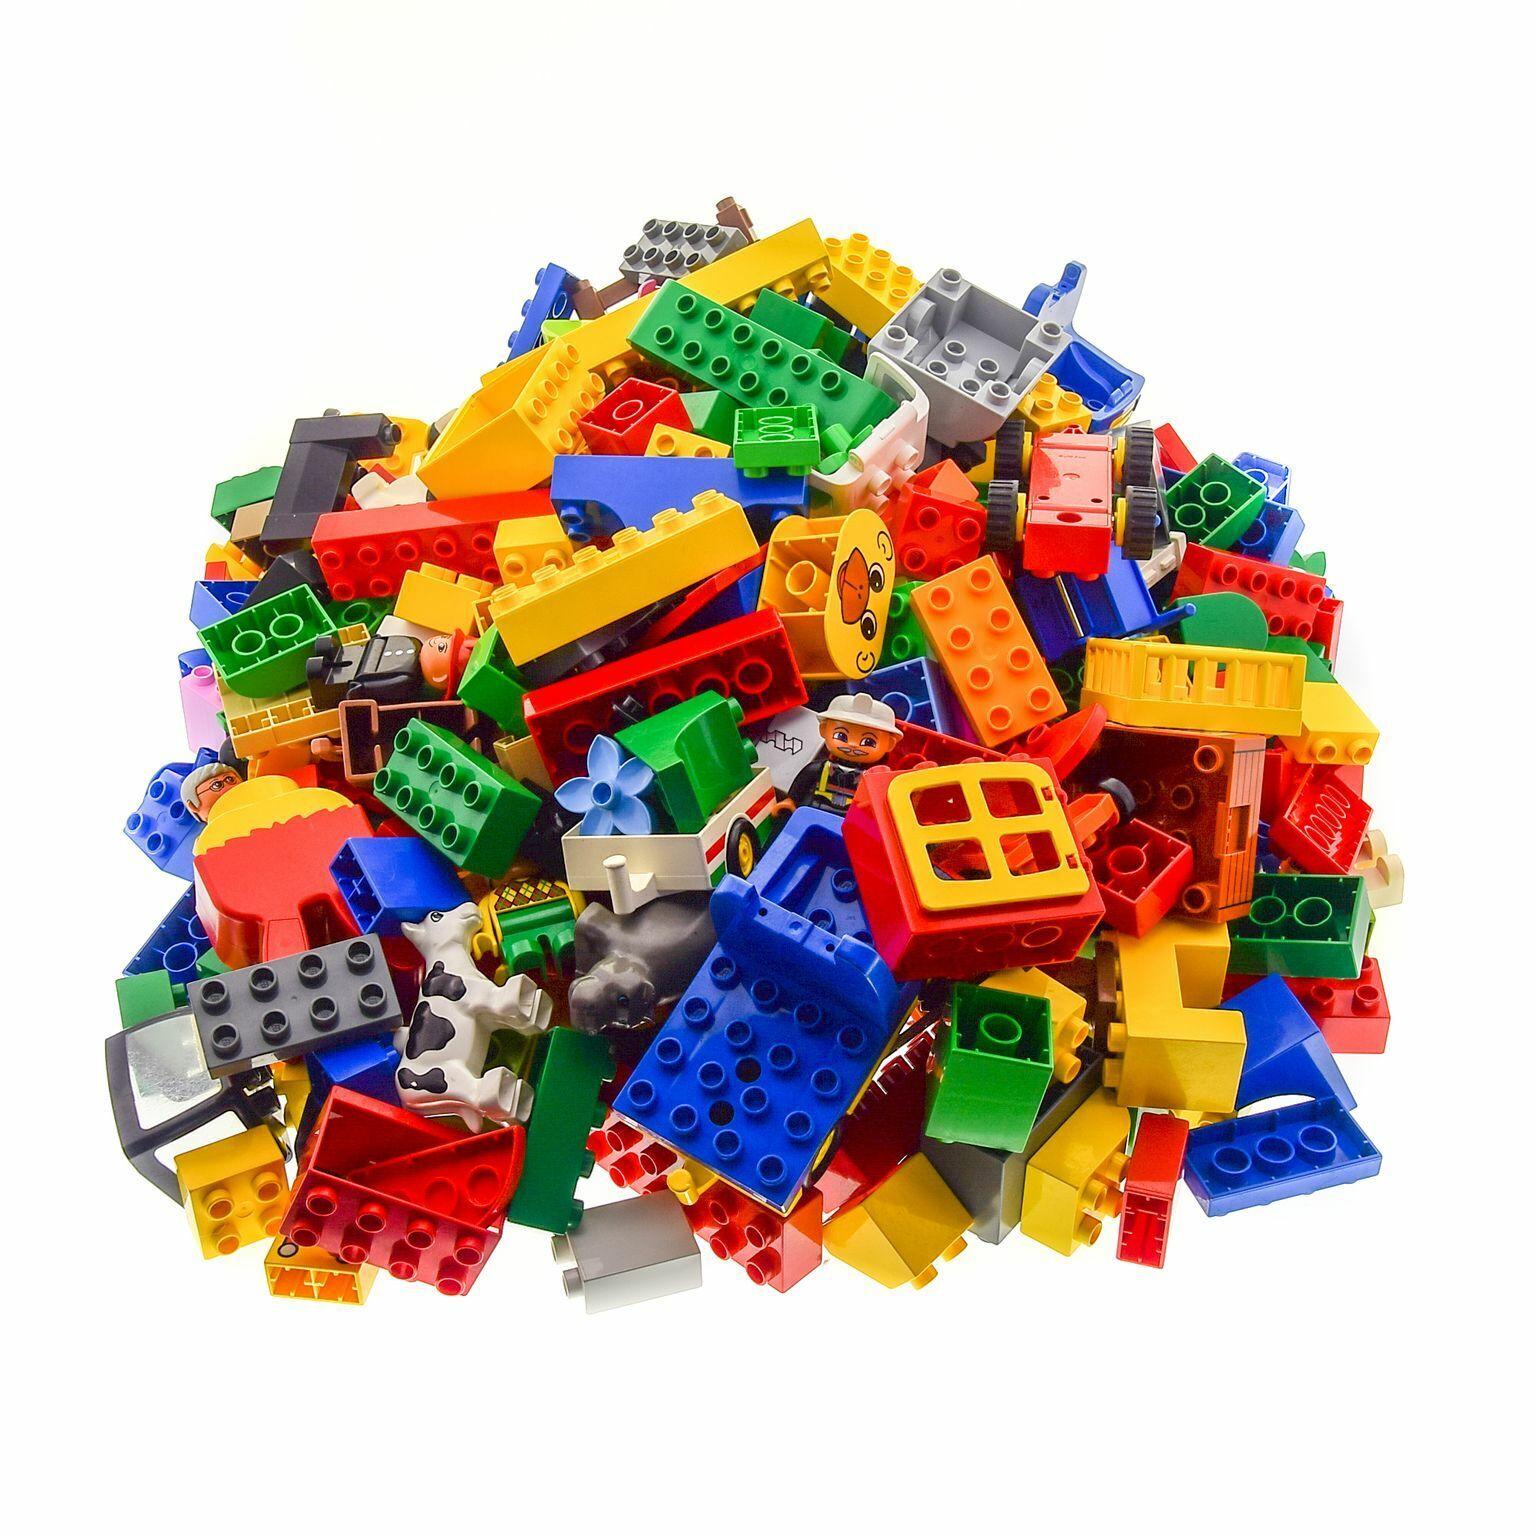 4 kg LEGO Duplo Basic spécial pierres kiloware par hasard mélangé par exemple voiture personnages